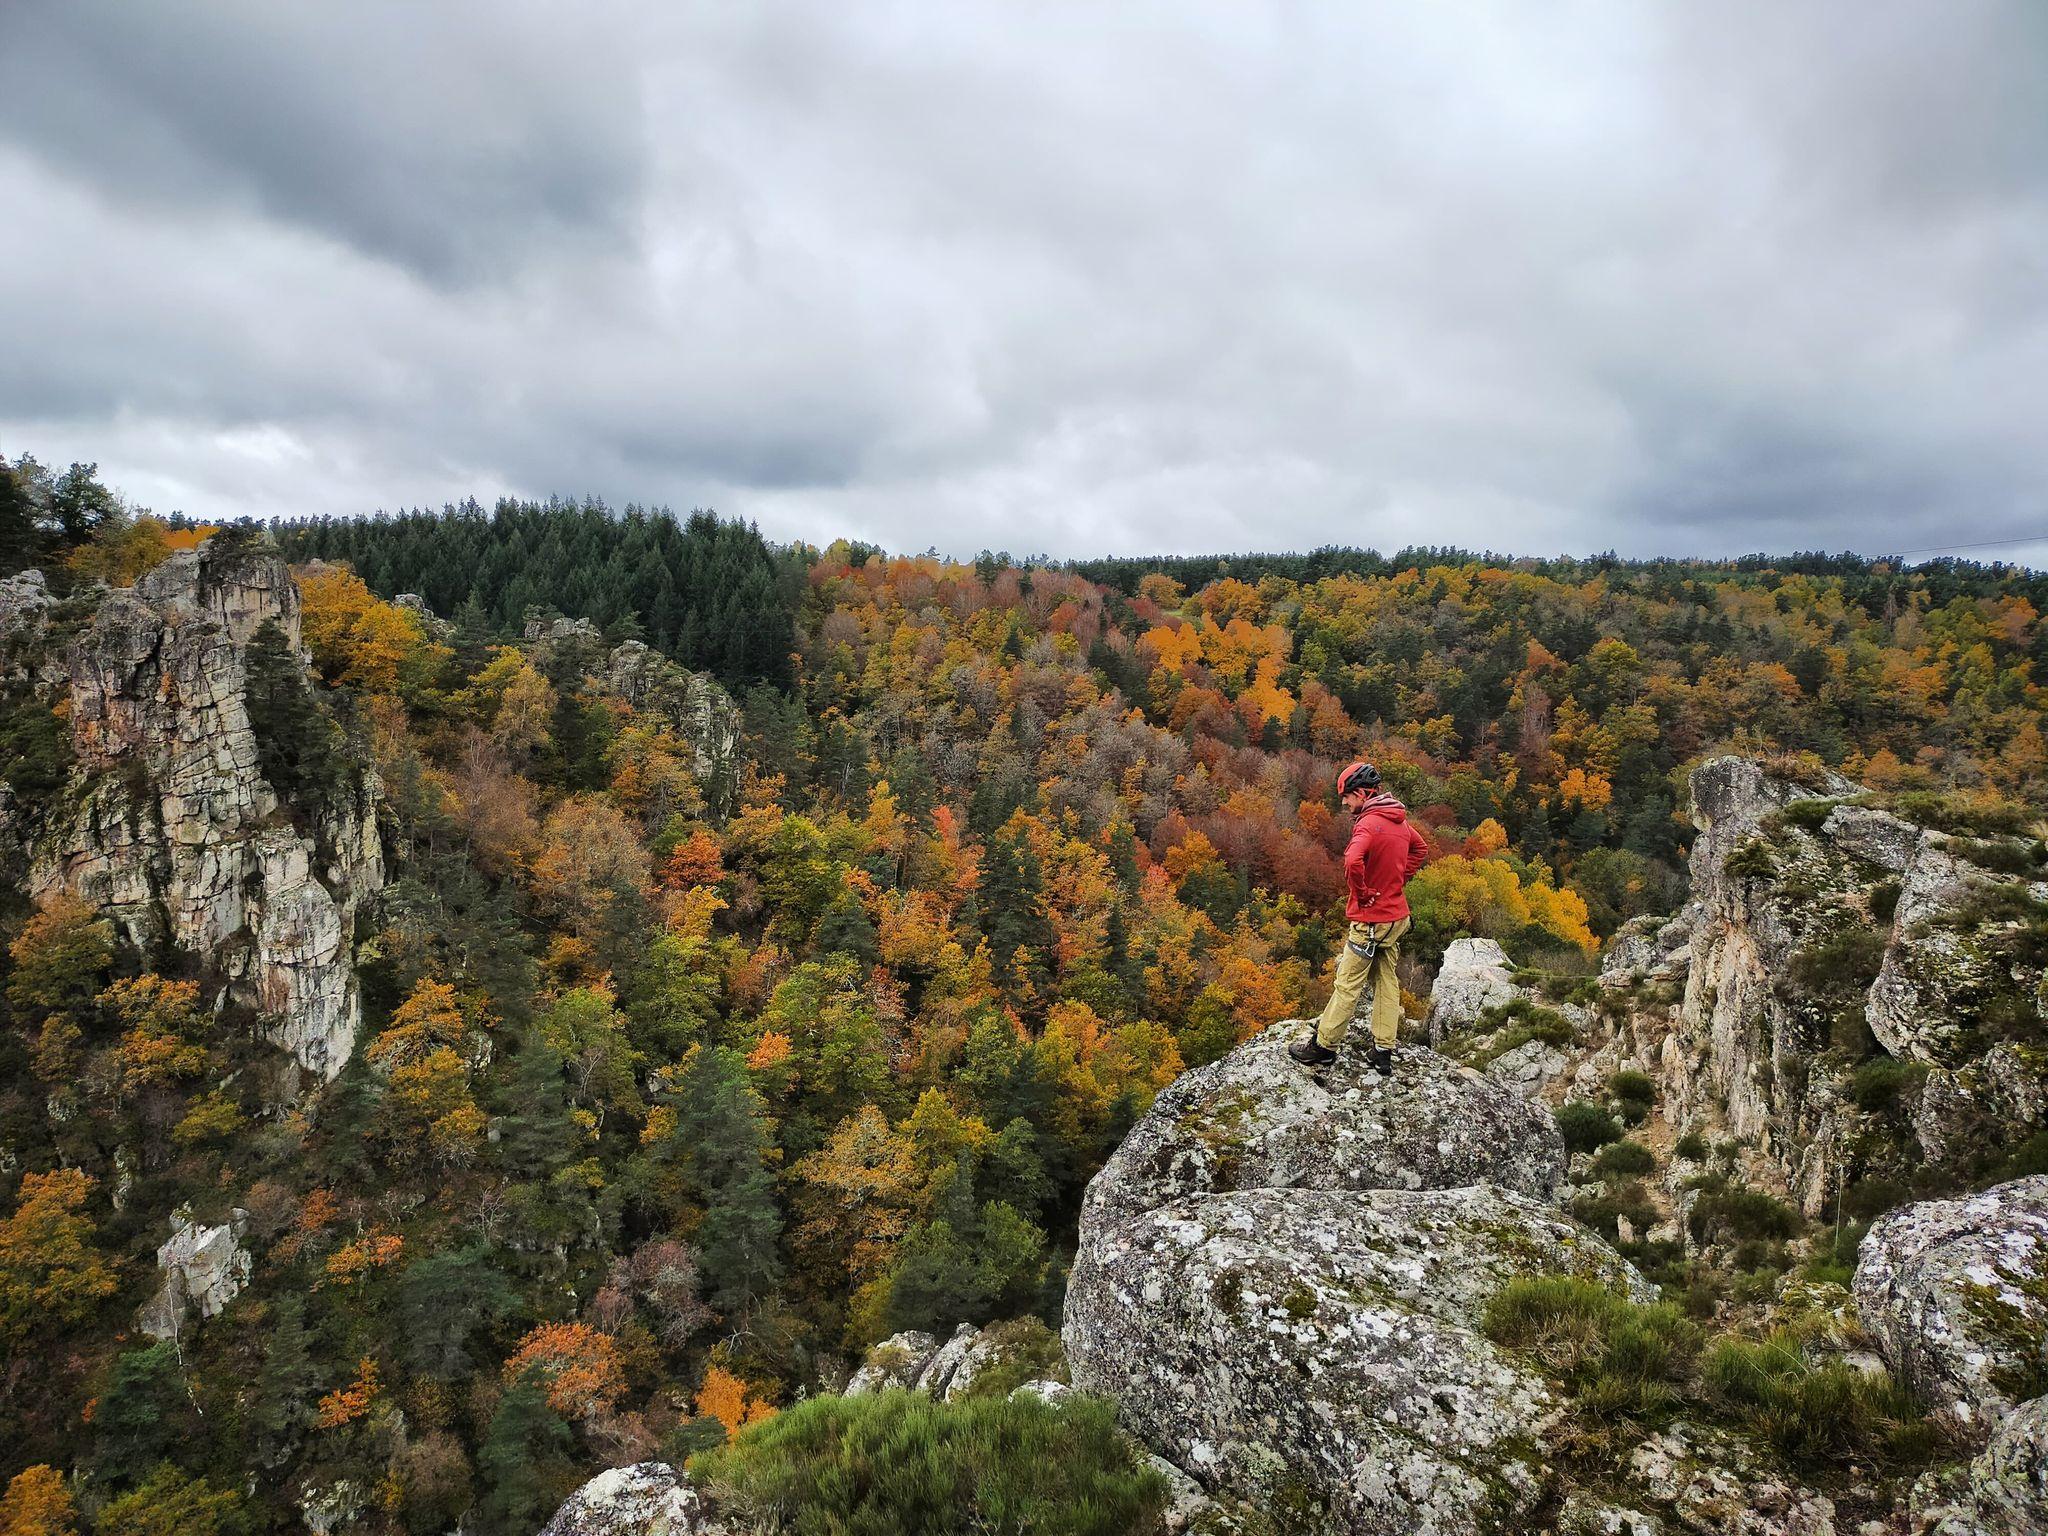 GC- Chataignier - castanea sativa - couleurs automne - gorges de la truyere lozere automne 2020 2